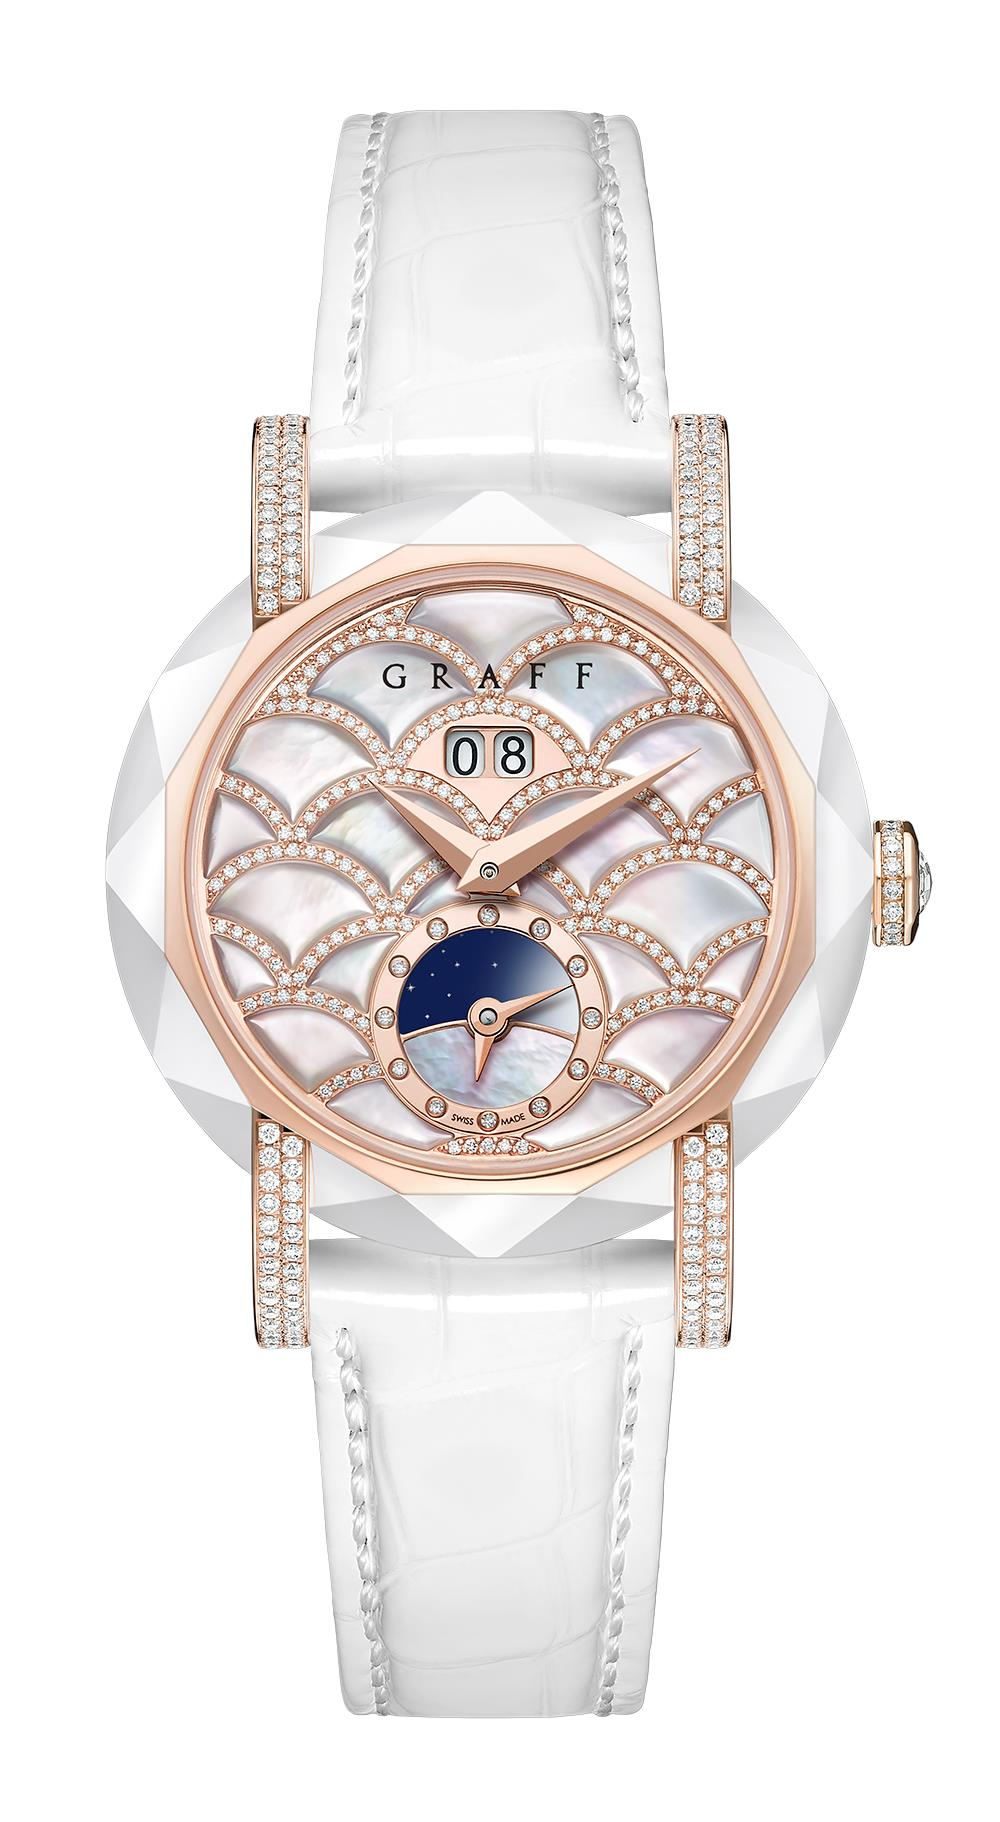 Montres baselworld 2016 baselworld 2016 d couvrez les - Salon de l horlogerie ...